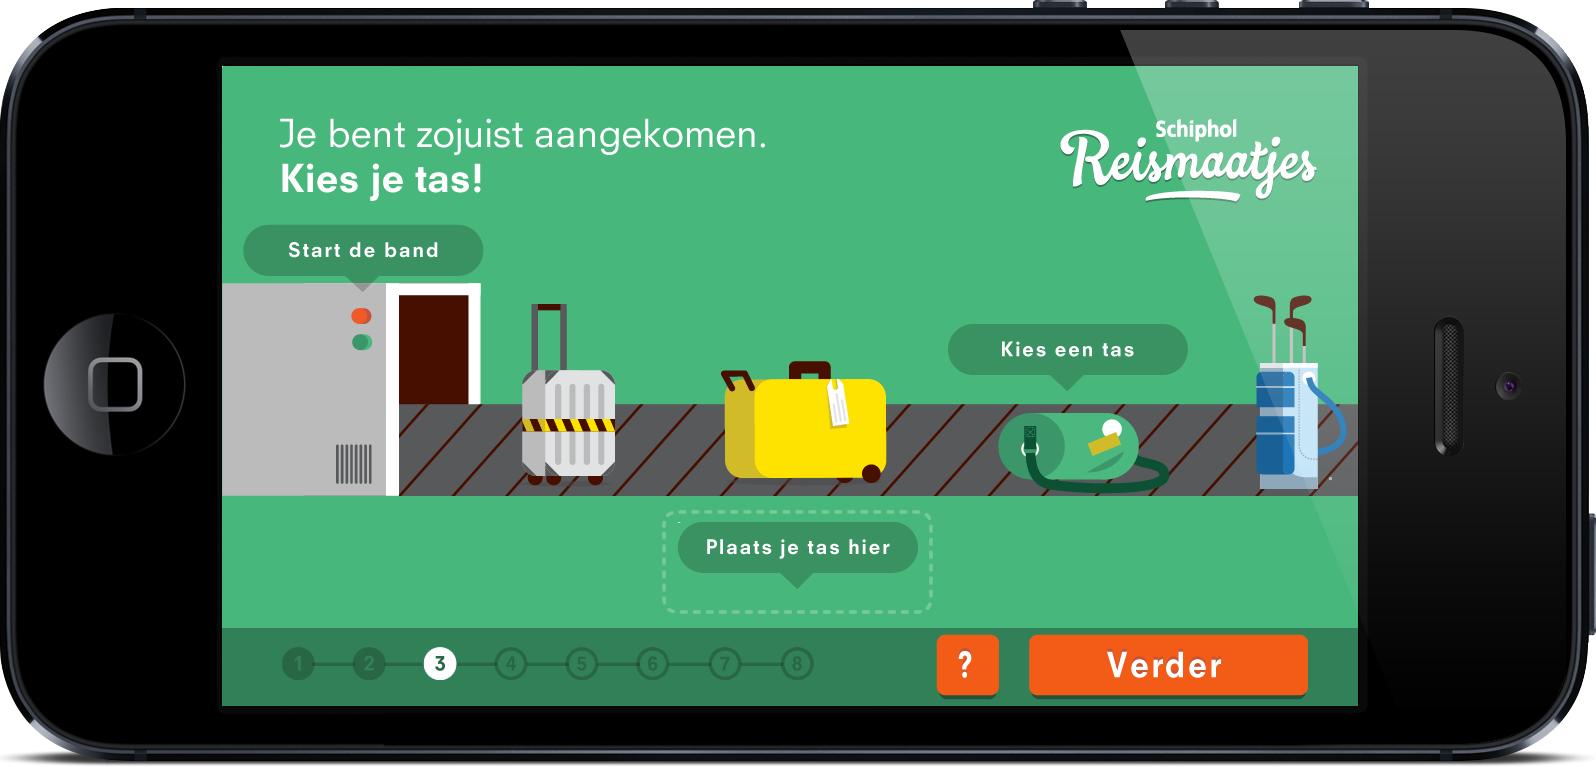 schiphol_reismaatjes-fb_app-iphone-vraag1